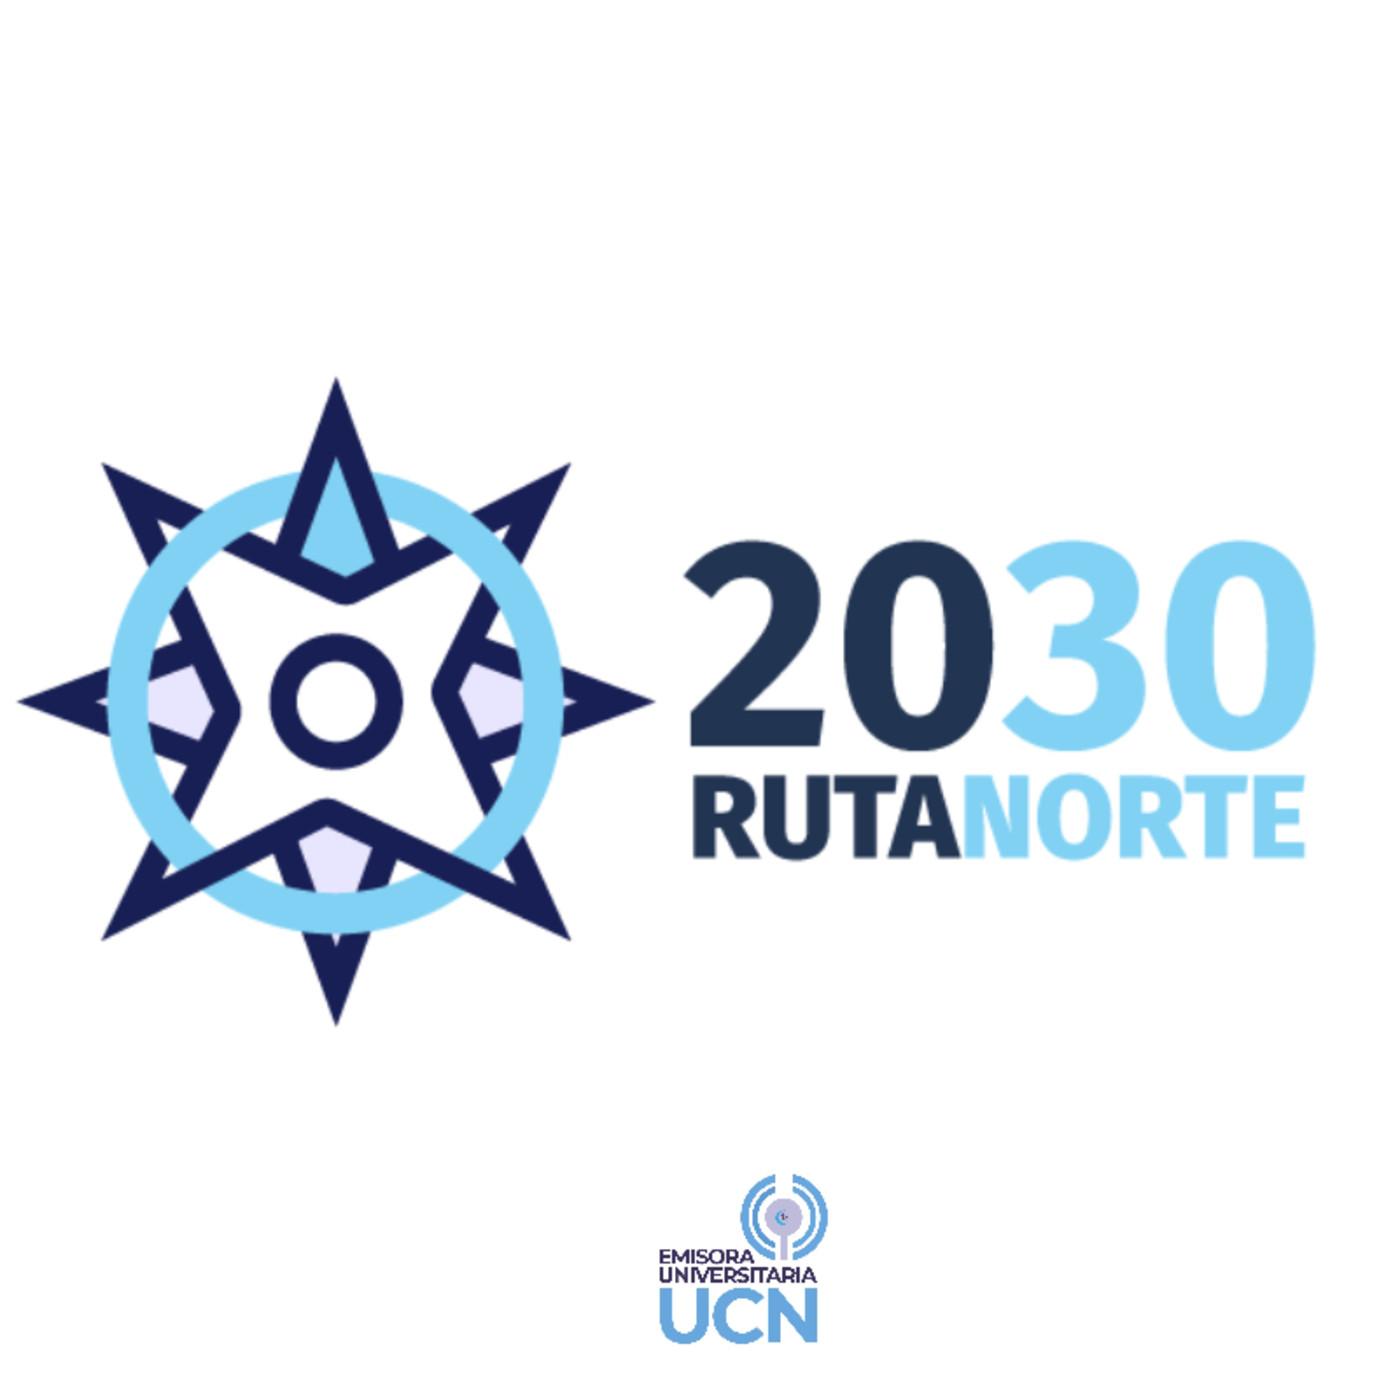 Ruta Norte 2030 - Edicion 12, Rendicion de cuentas